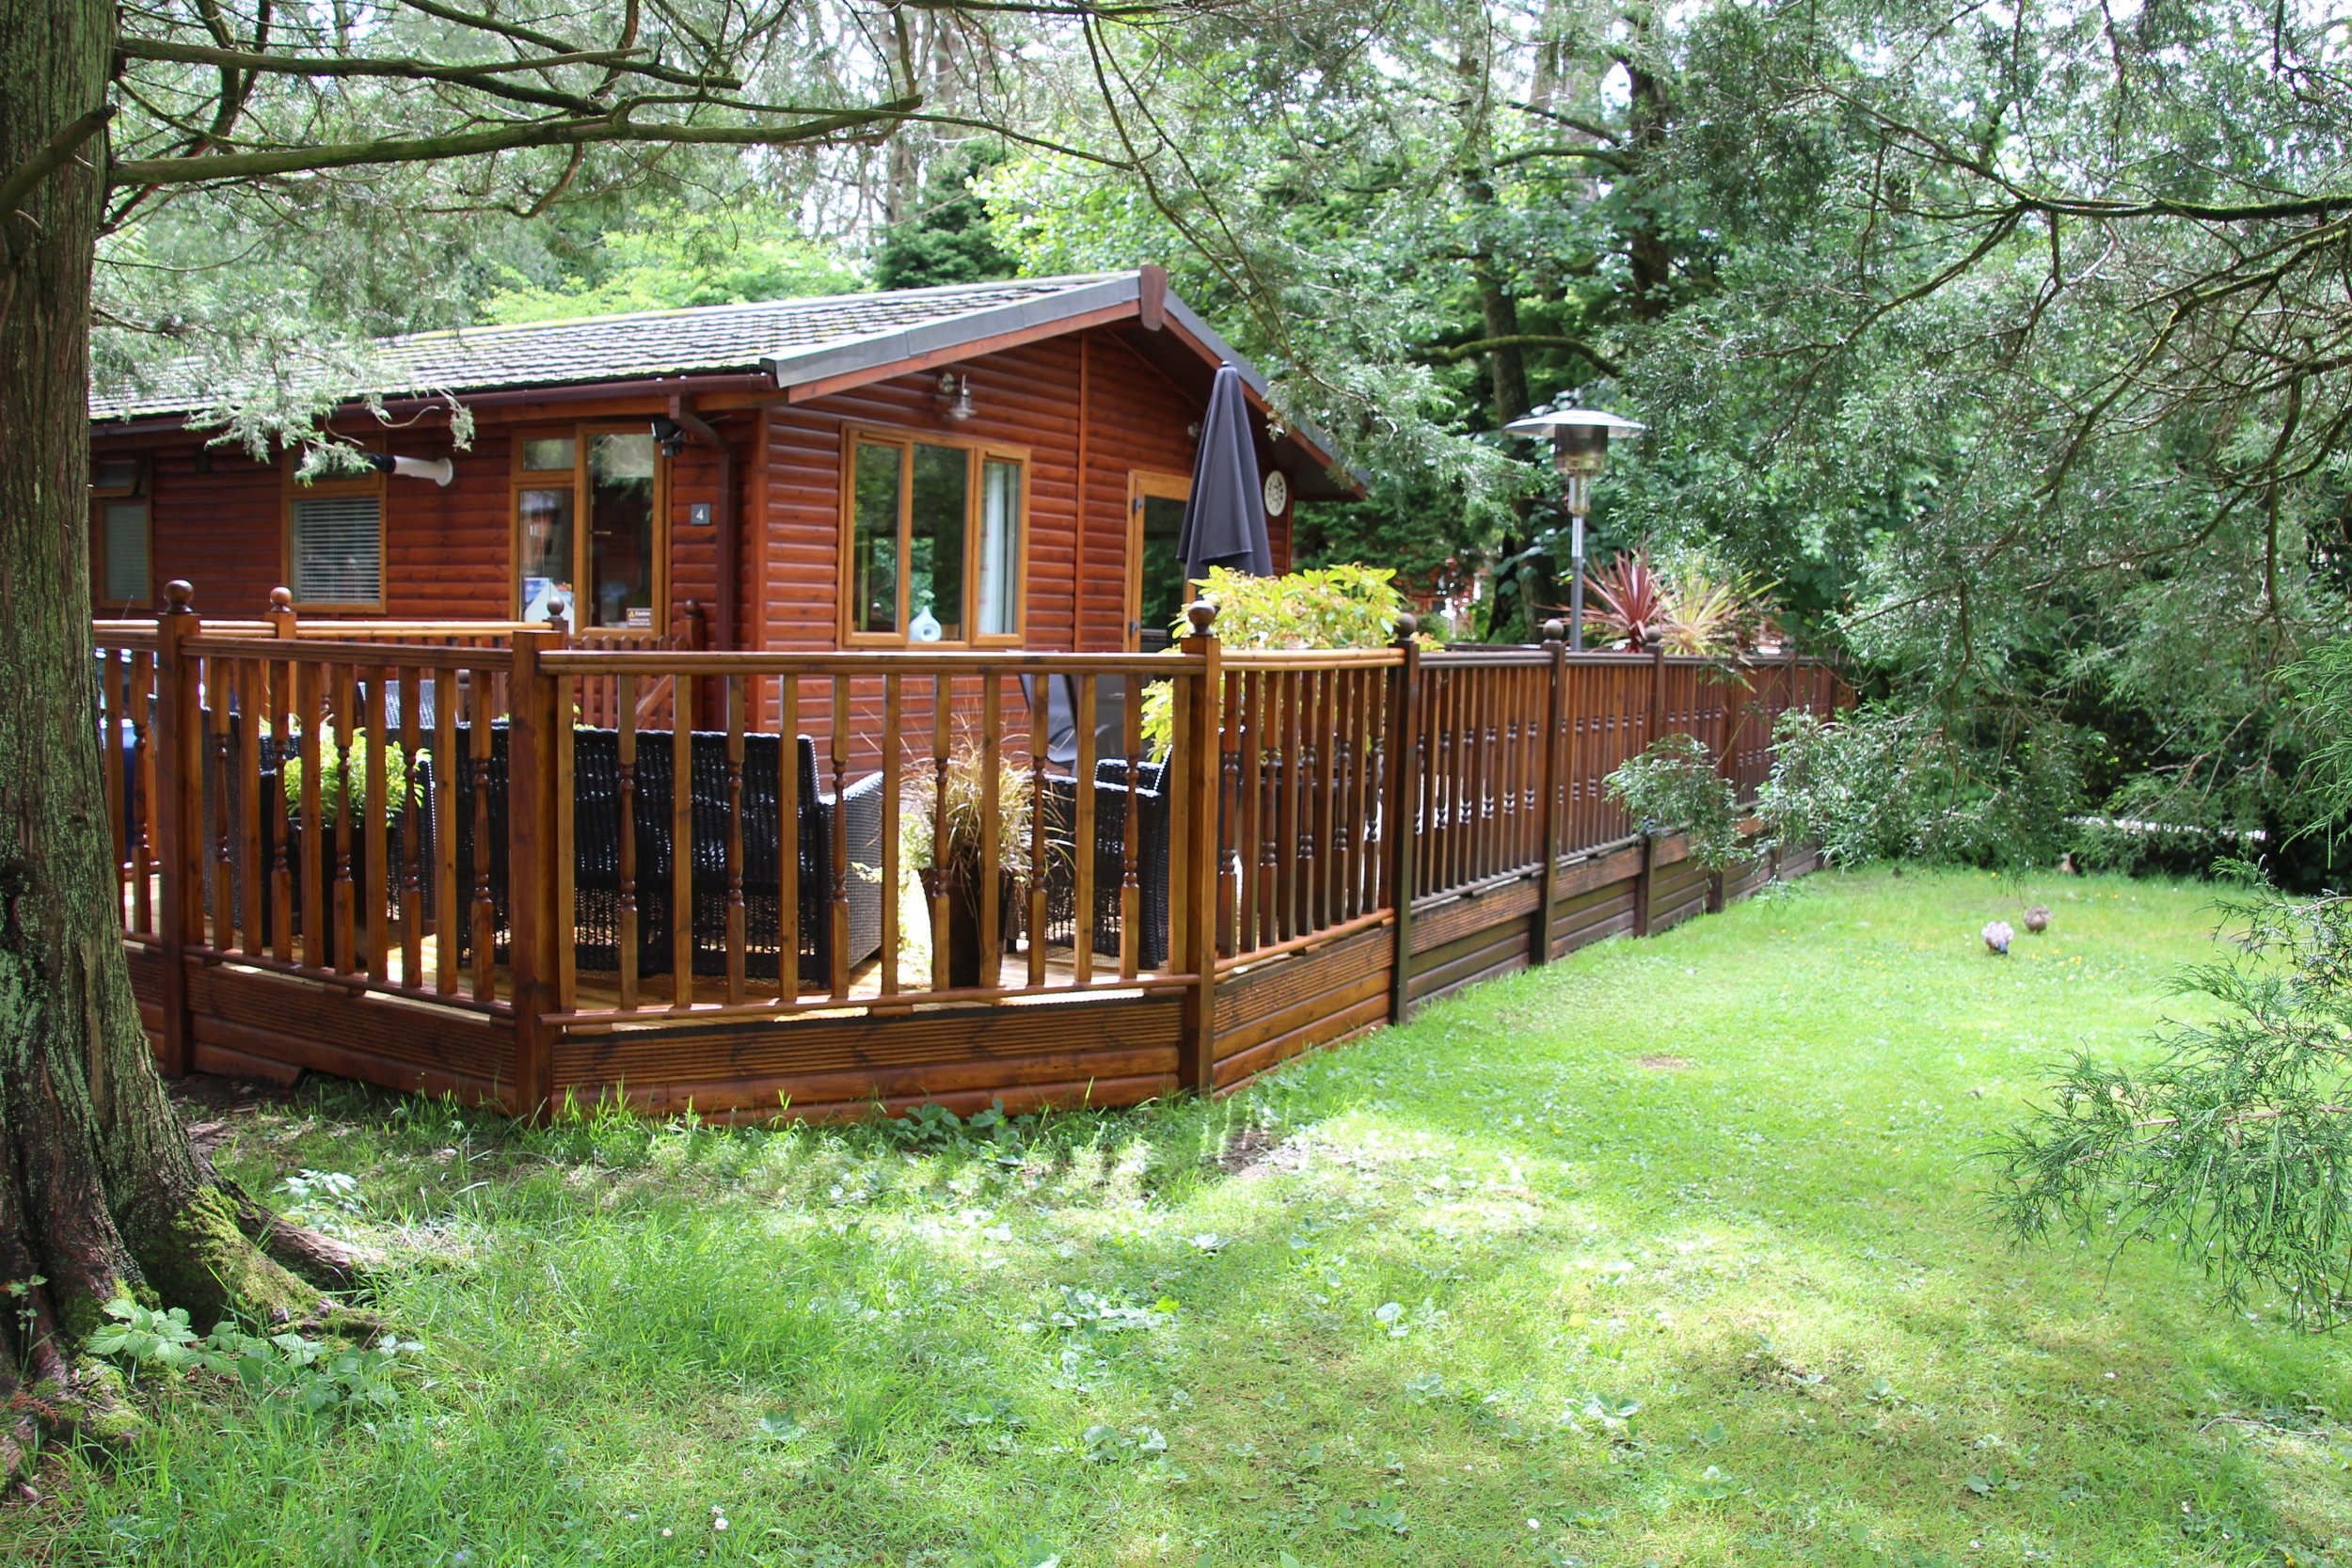 West-facing outdoor deck